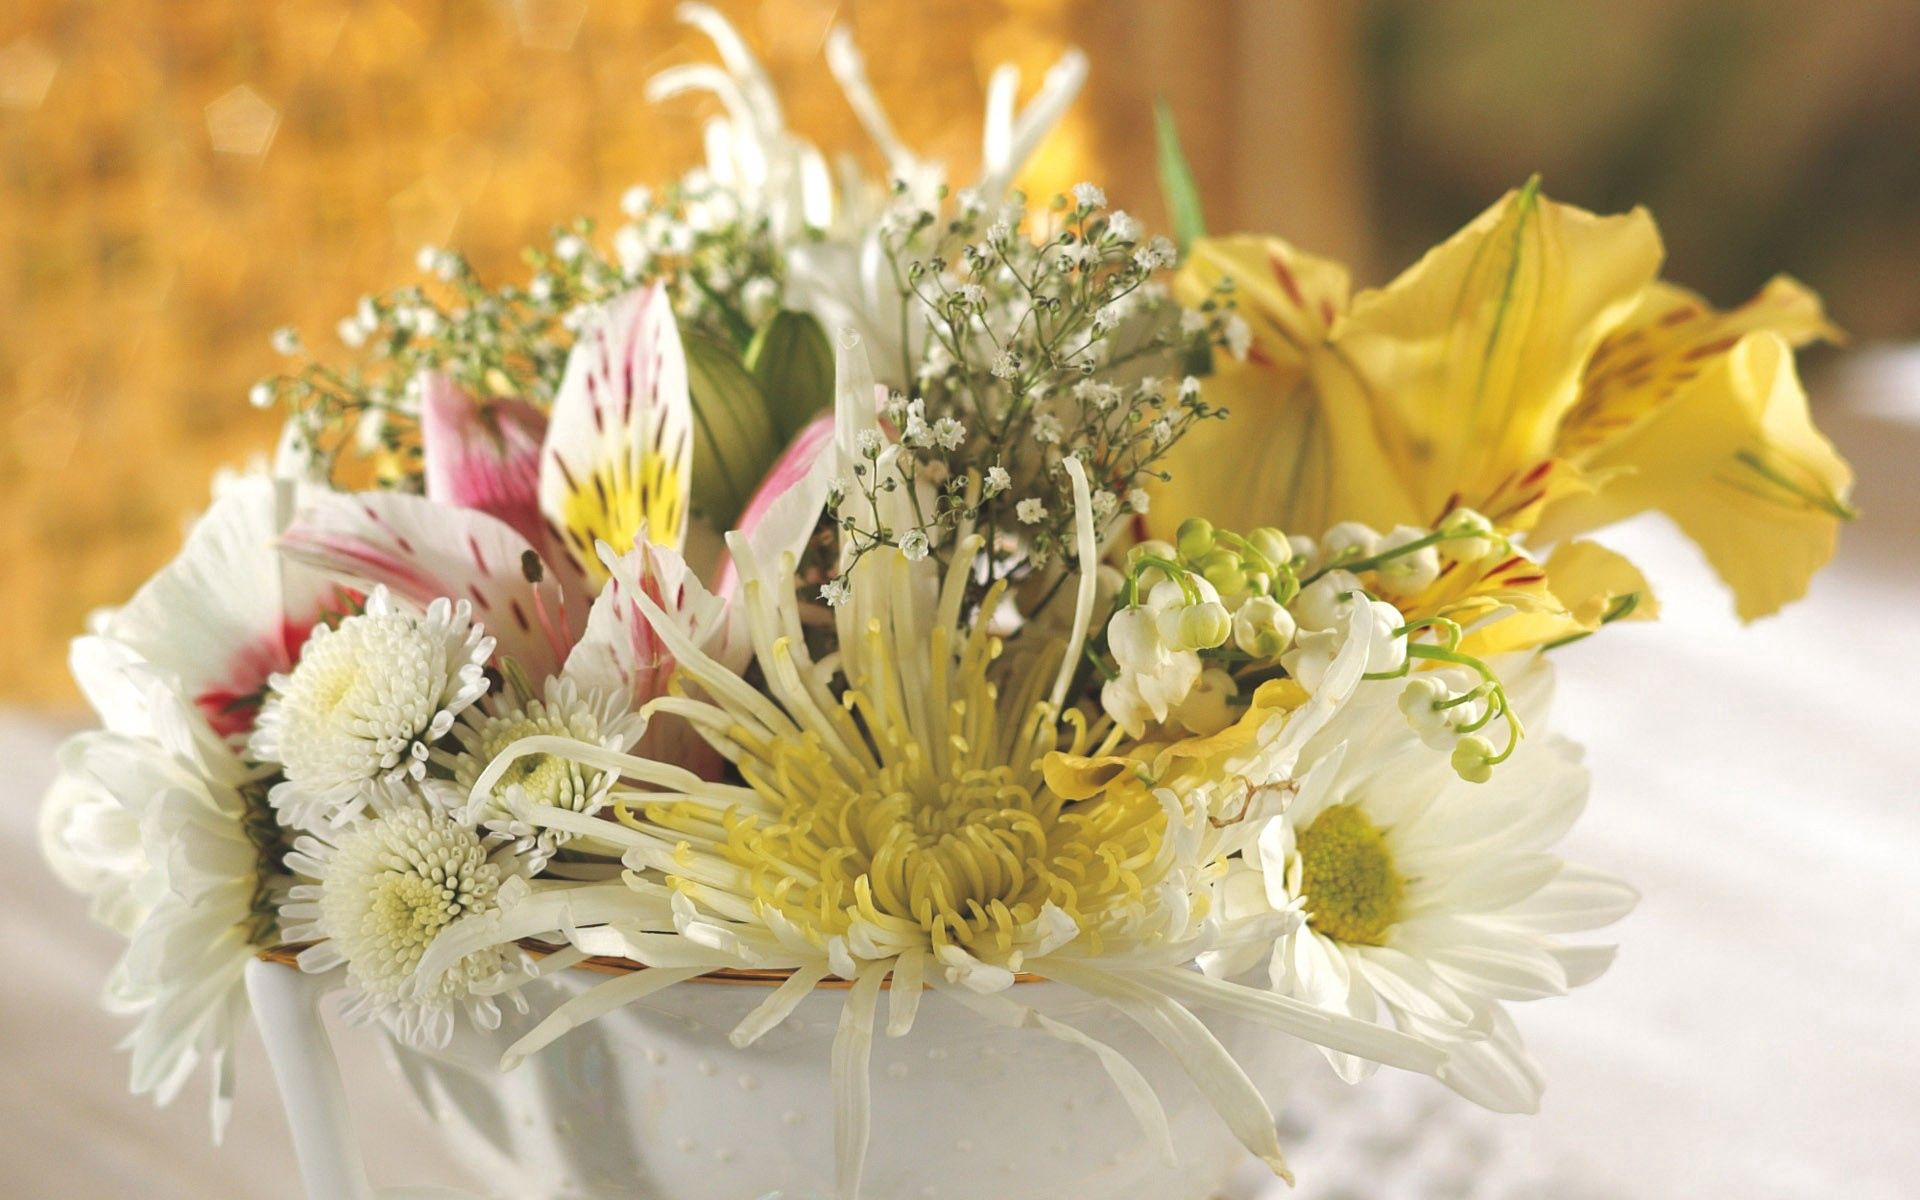 113162 скачать обои Хризантемы, Цветы, Лилии, Ландыш, Букет, Крупный План, Гипсофил, Нежность, Пиала - заставки и картинки бесплатно